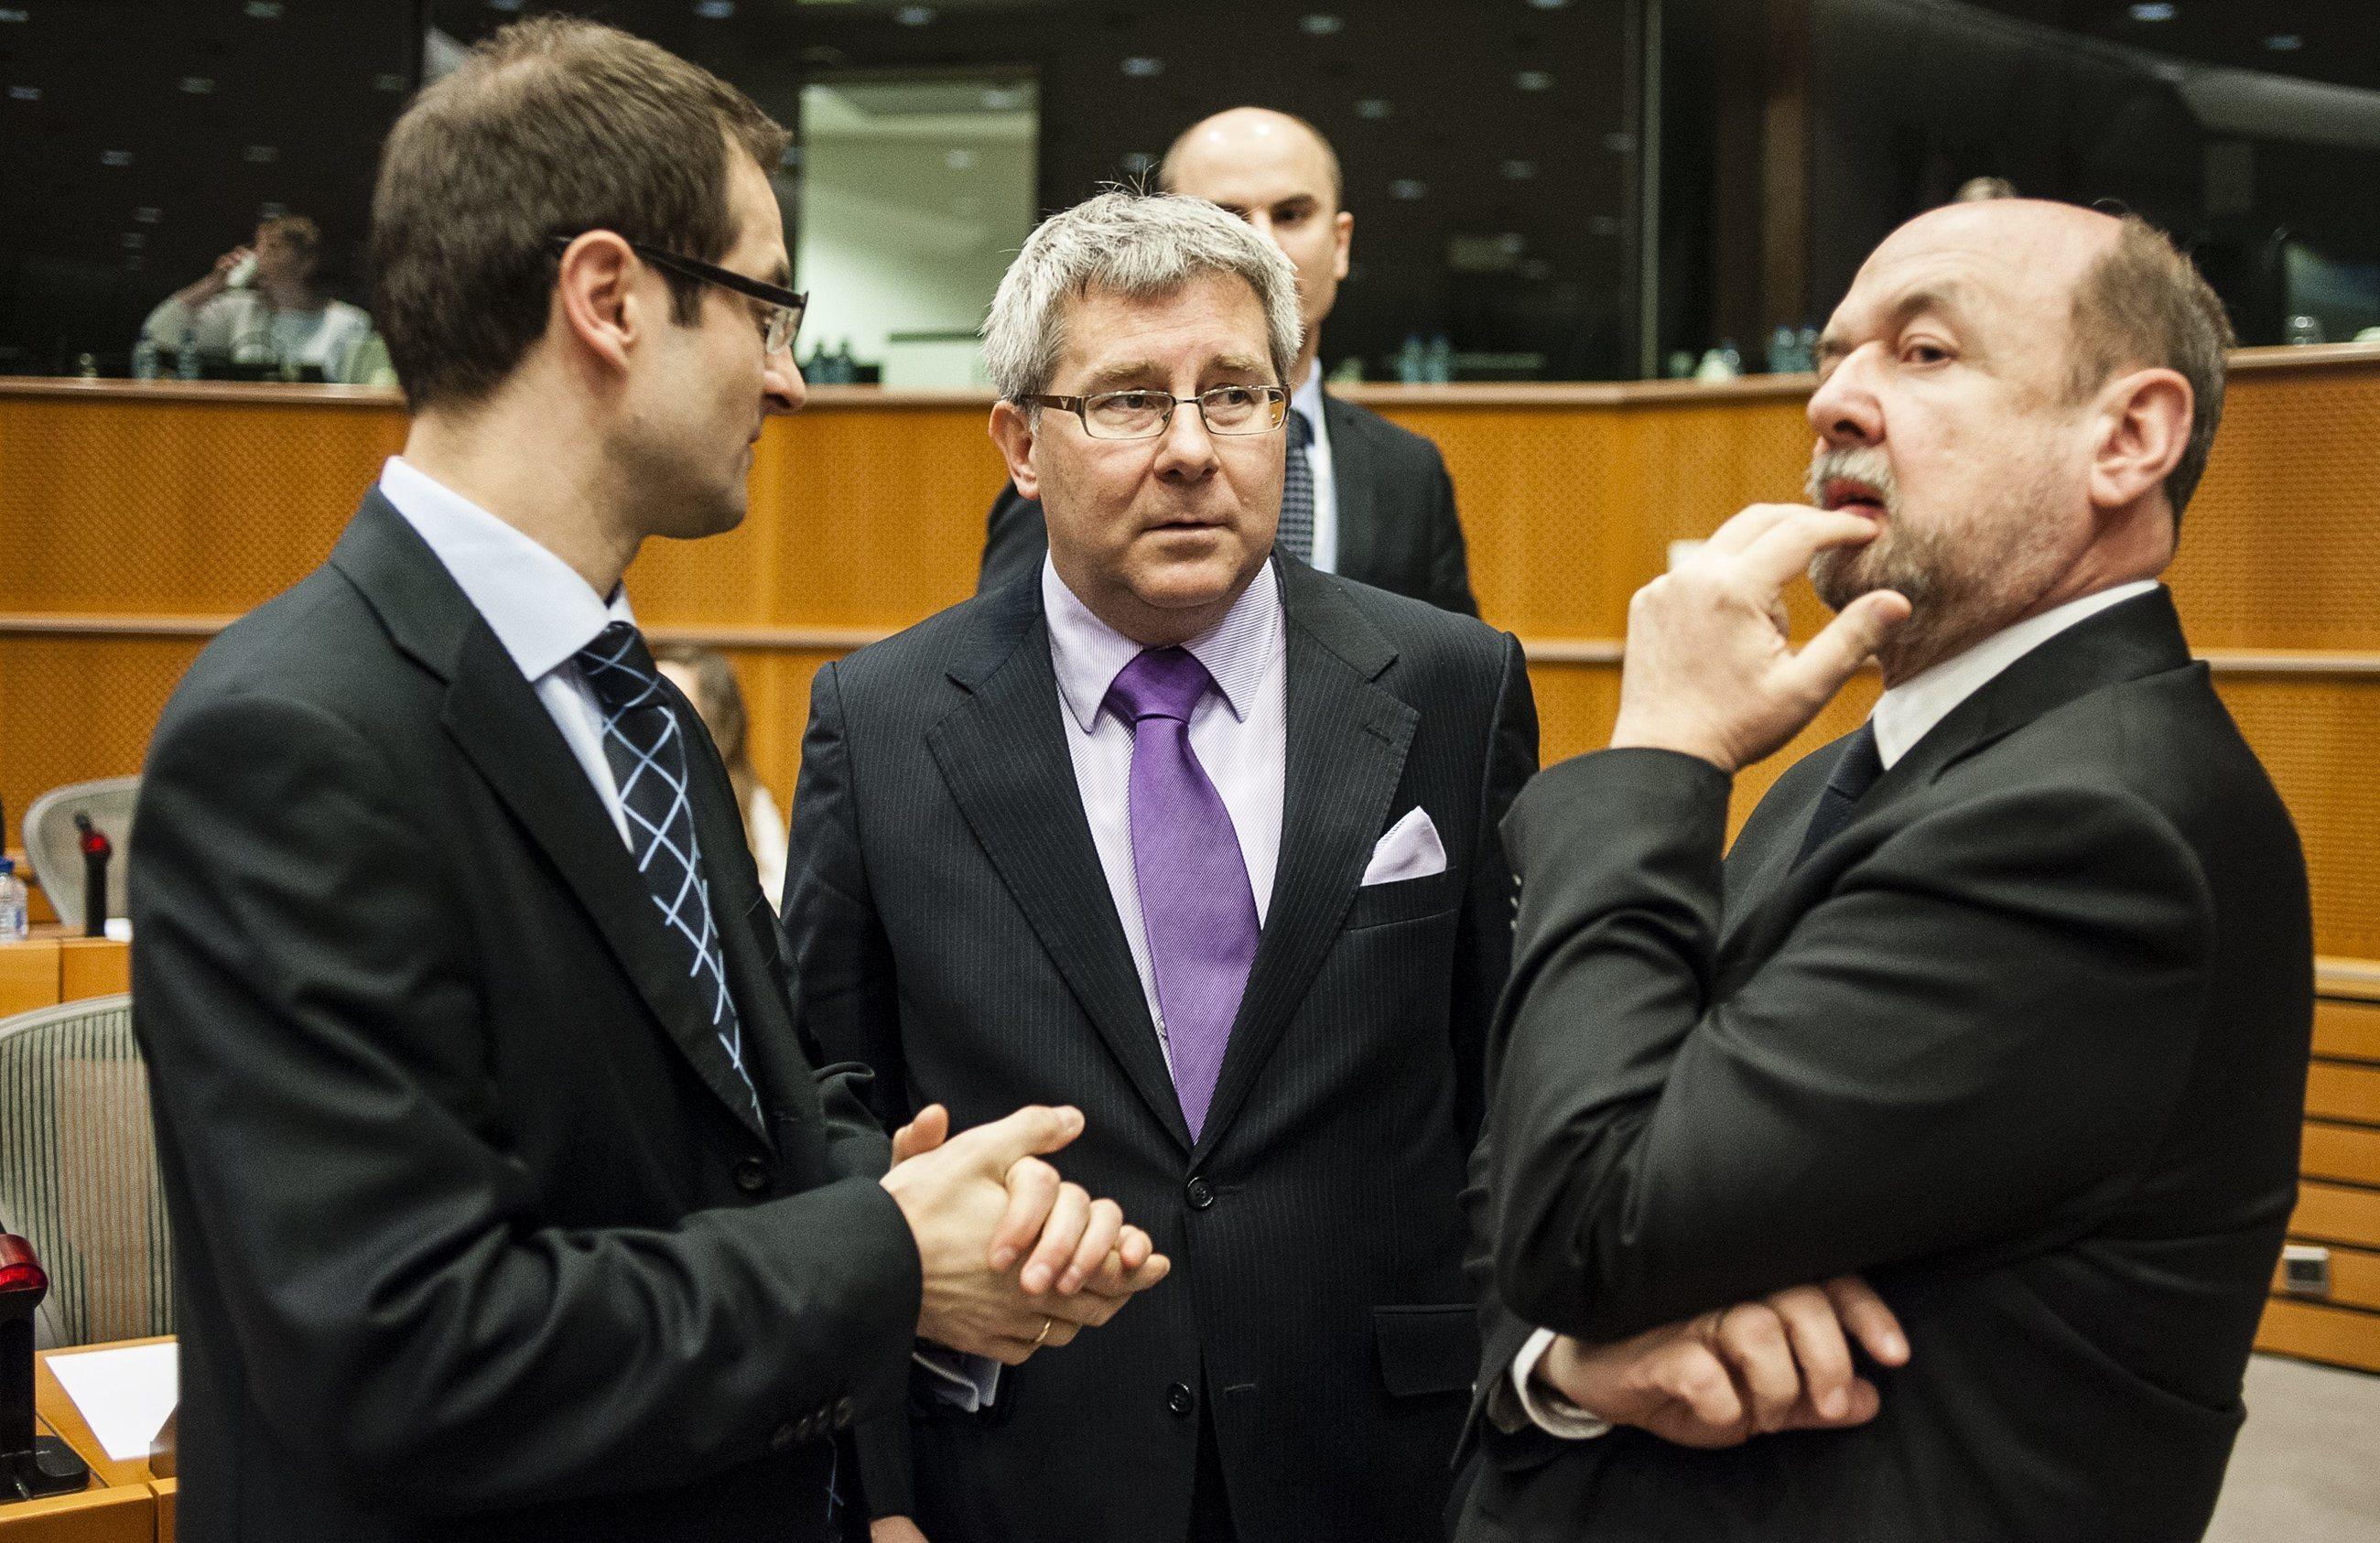 Europosłowie Prawa i Sprawiedliwości Tomasz Poręba, Ryszard Czarnecki i Ryszard Legutko